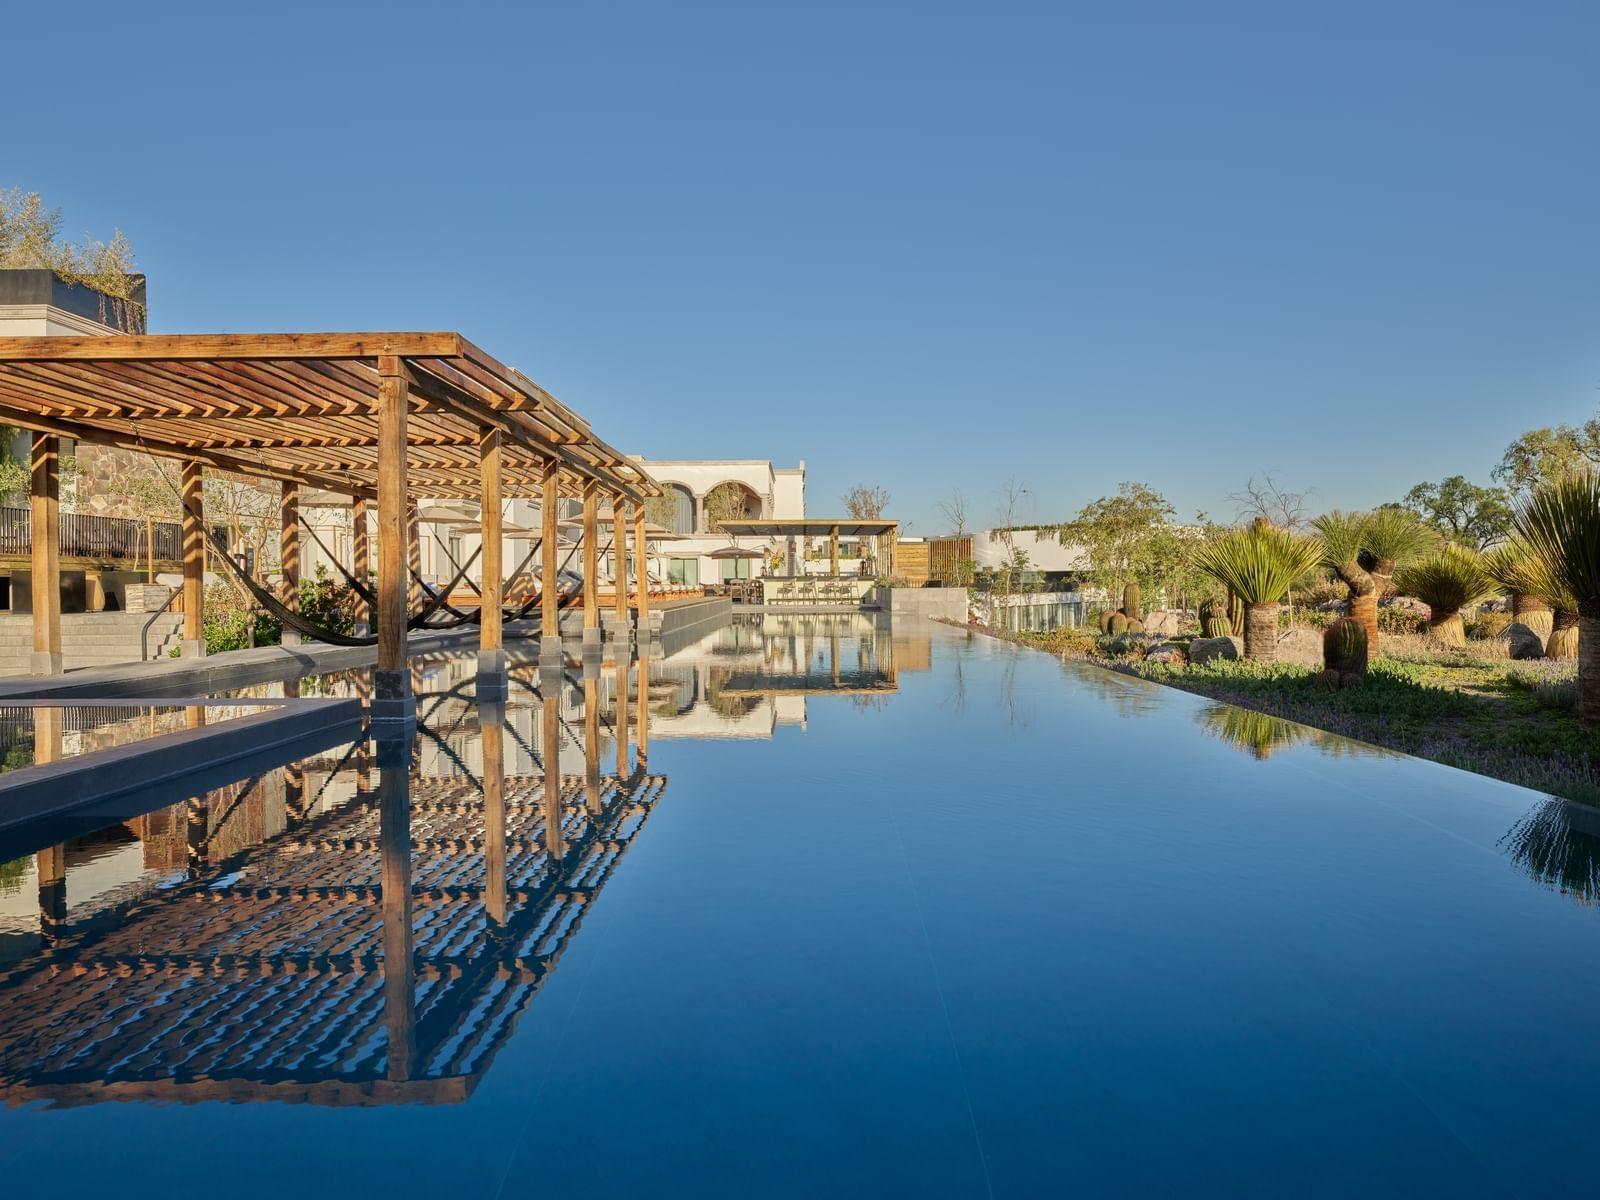 Pool at Live Aqua San Miguel de Allende Urban Resort